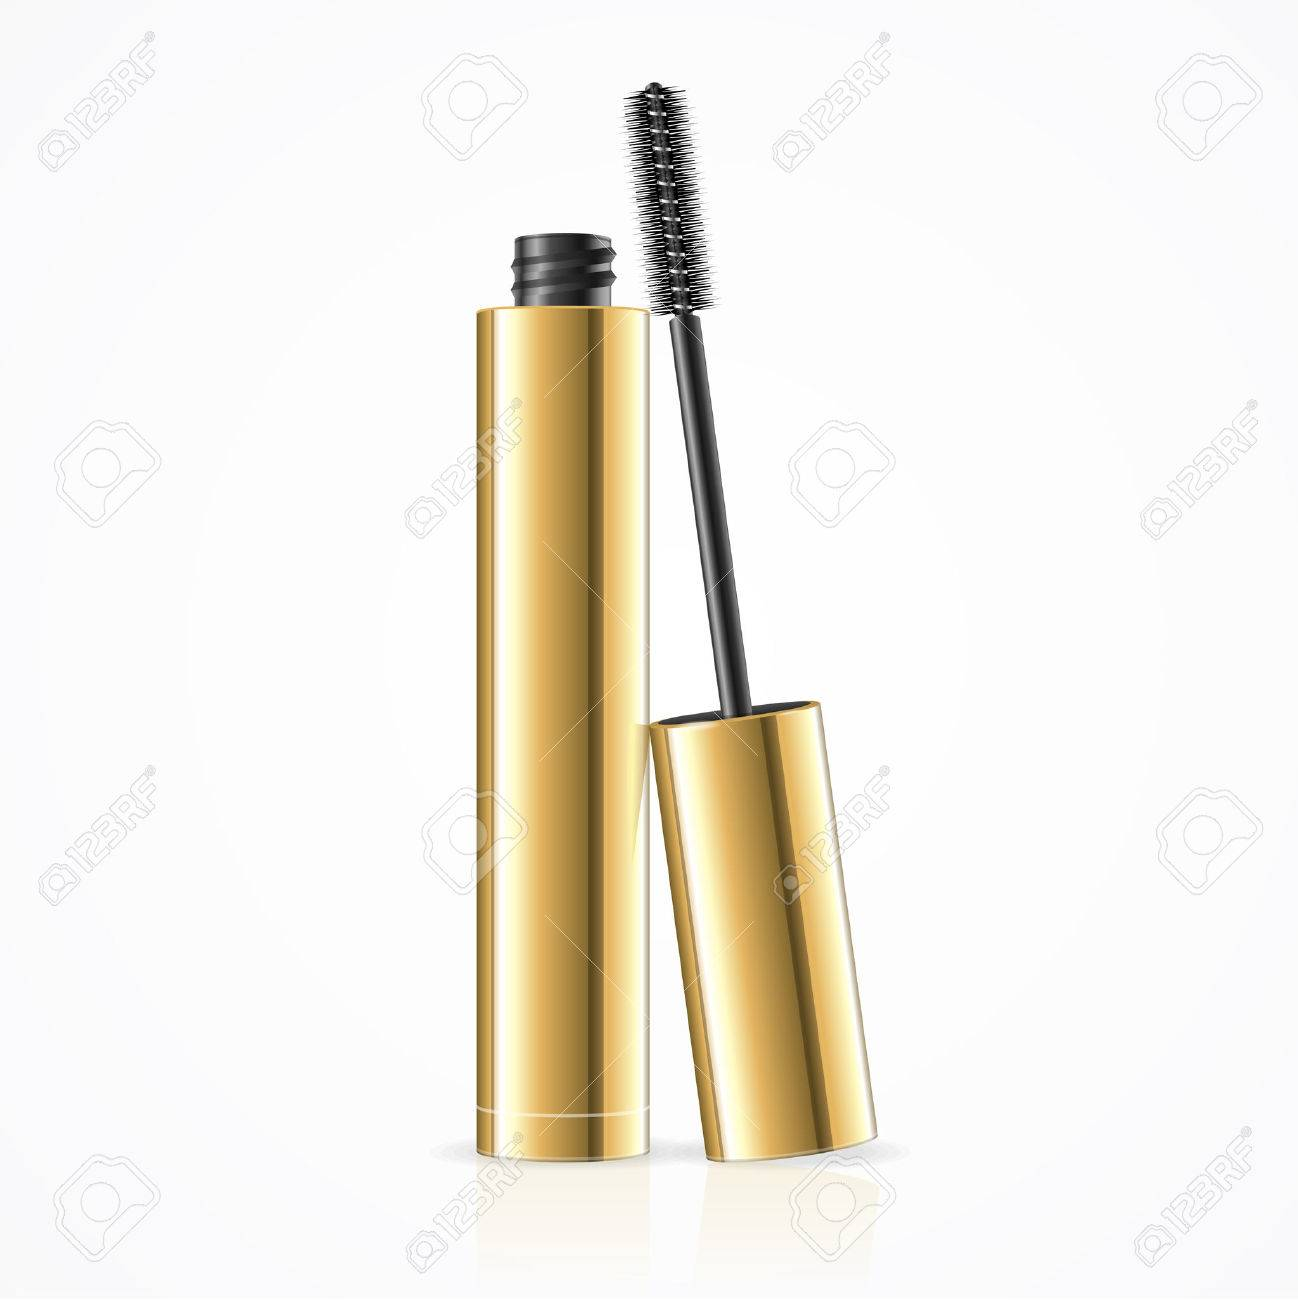 Black Mascara. Open Golden Tube. Vector illustration - 55964464